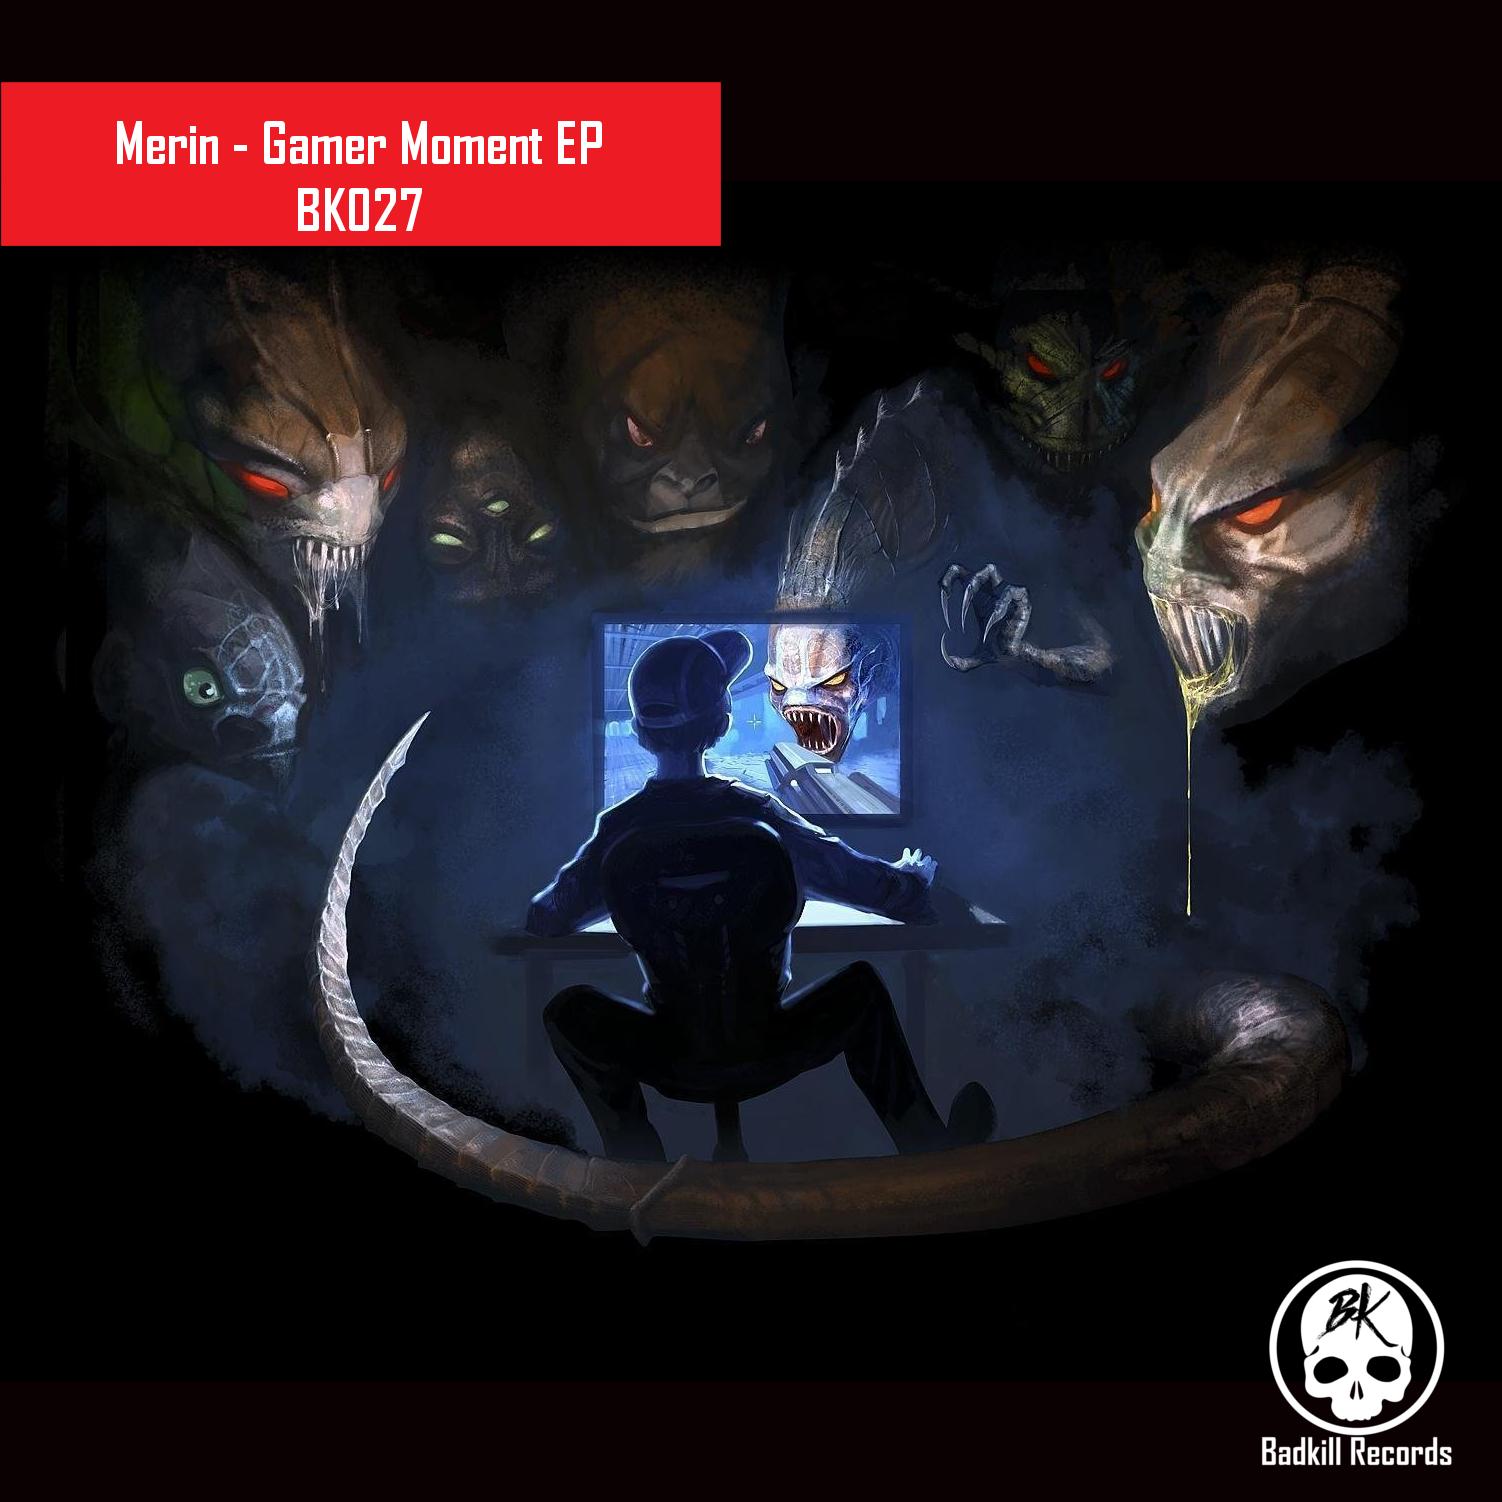 BK027 Merin - Gamer Moment EP Image